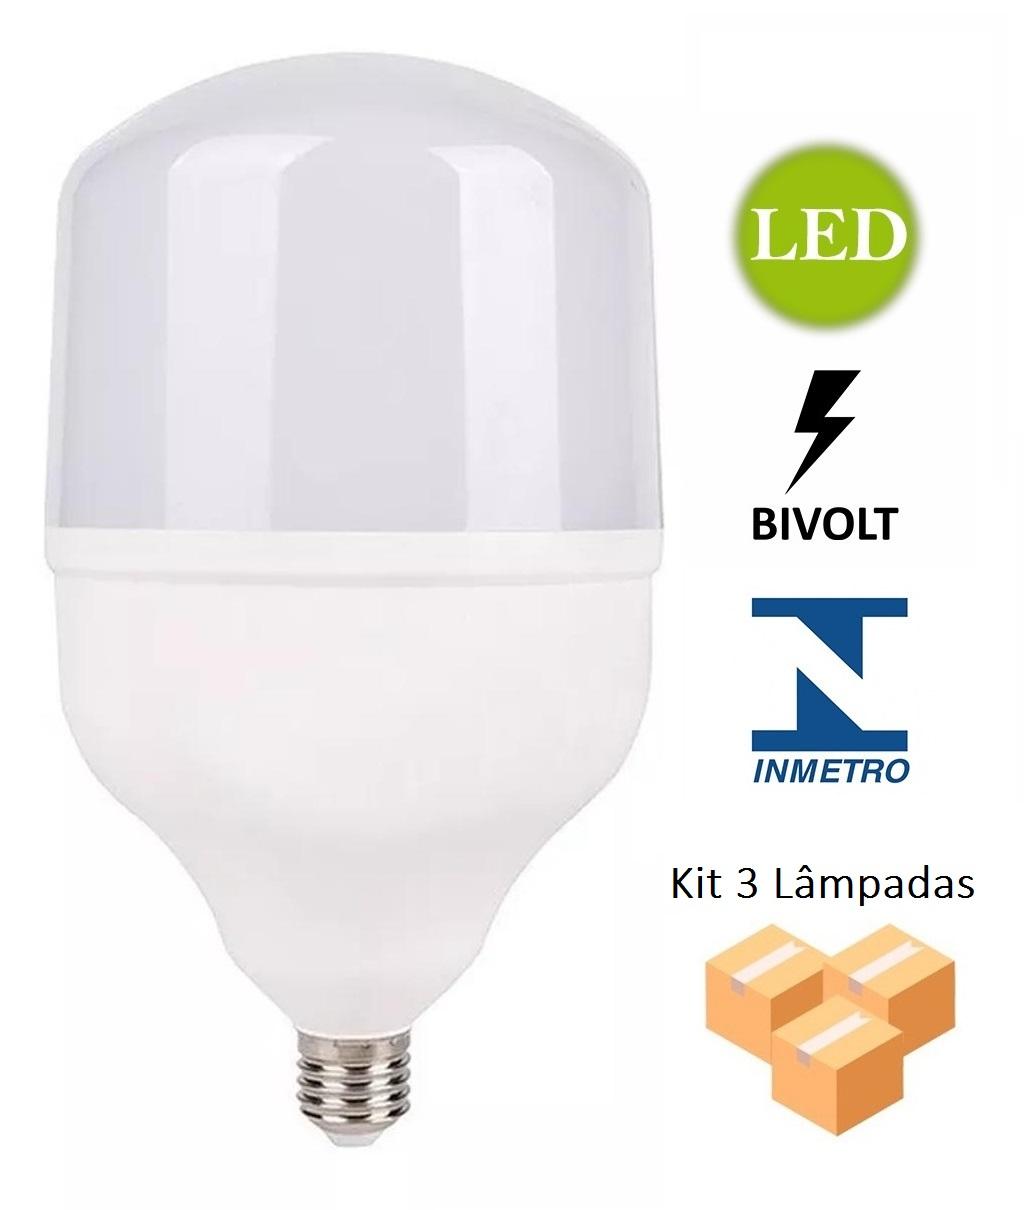 Kit 3 Lâmpadas Alta Potência Led 20w 6500k Bivolt - LUZ SOLLAR